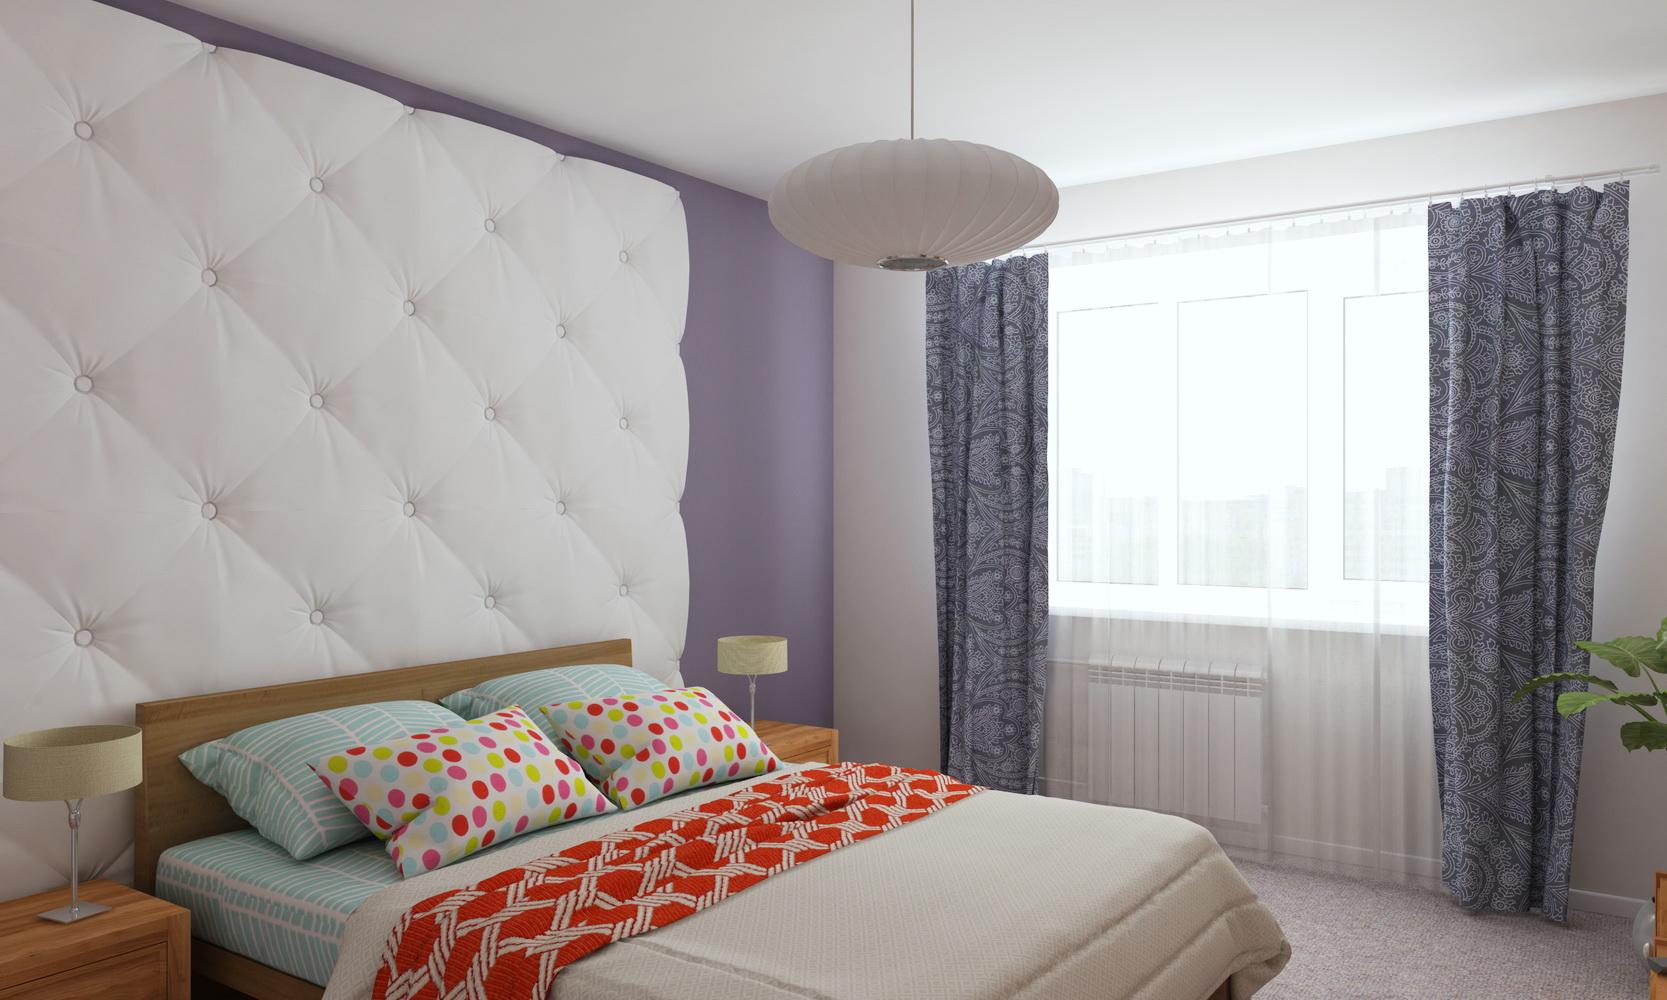 Панели для дизайна спальни